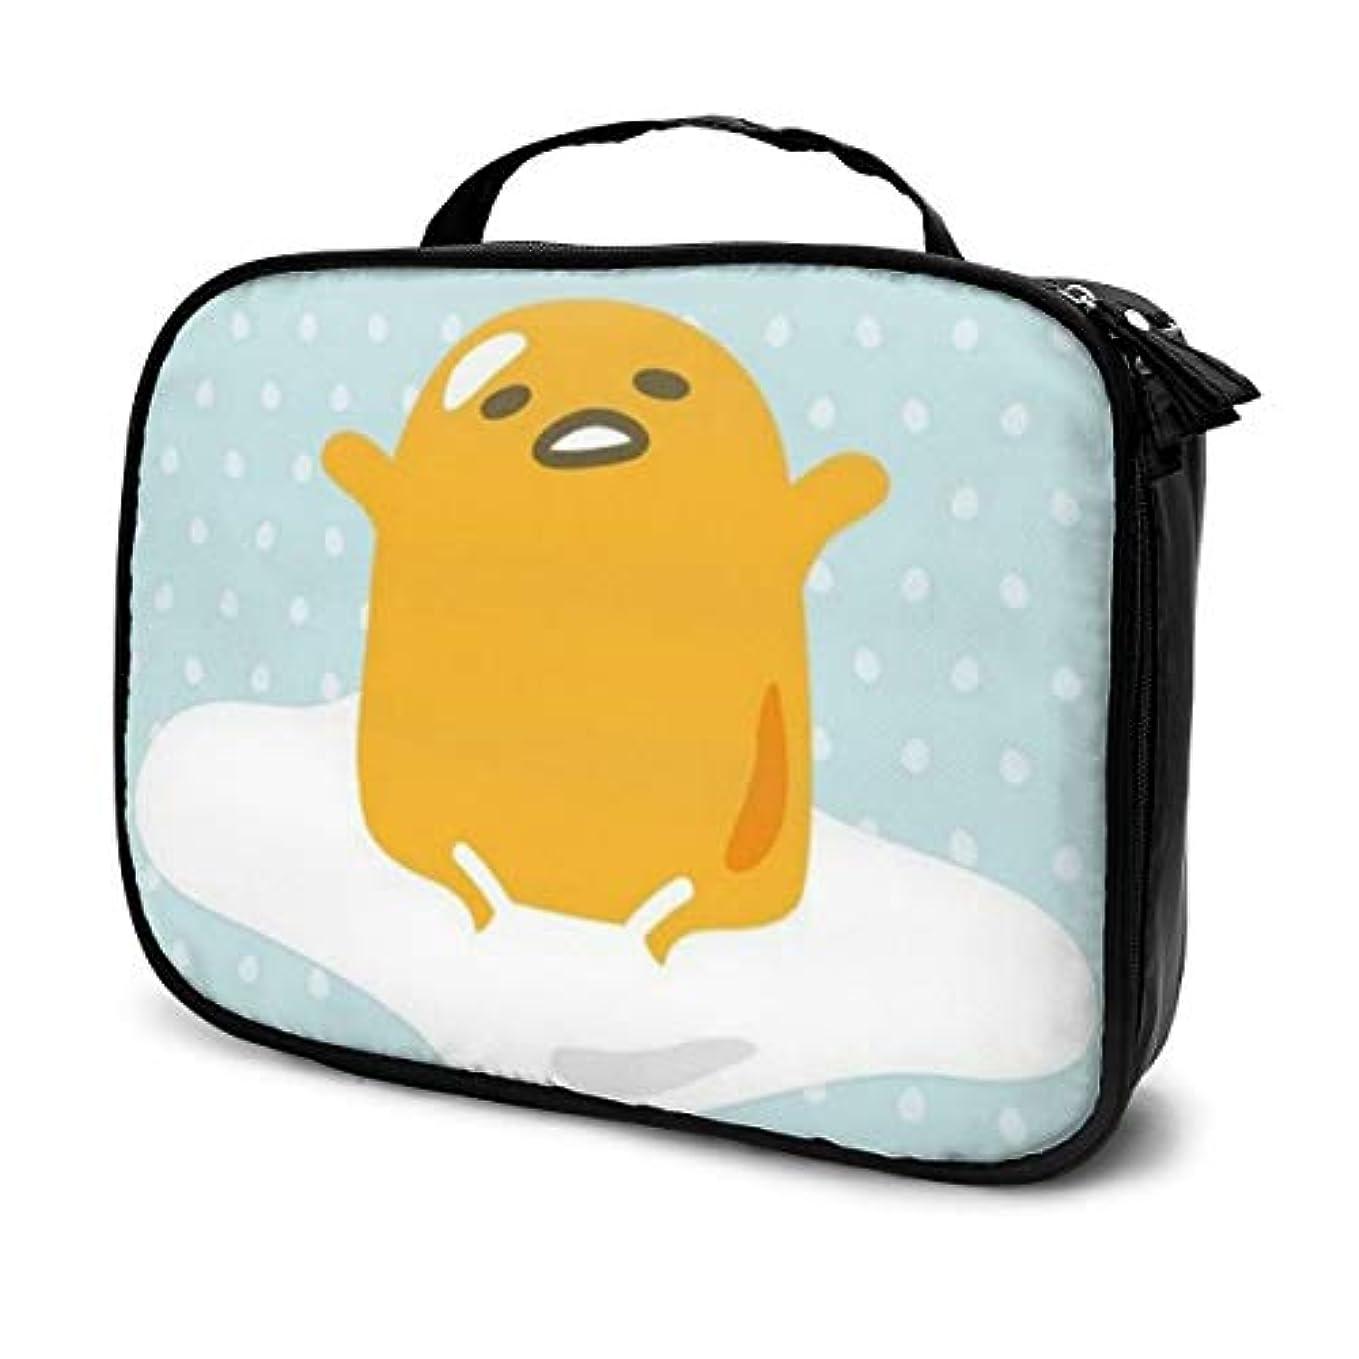 レビューから純度ぐでたま 化粧ポーチ 化粧バッグ メイクボックス コスメバック 化粧箱 大容量 機能的 便携式 收納抜群 プロ用 旅行 家用